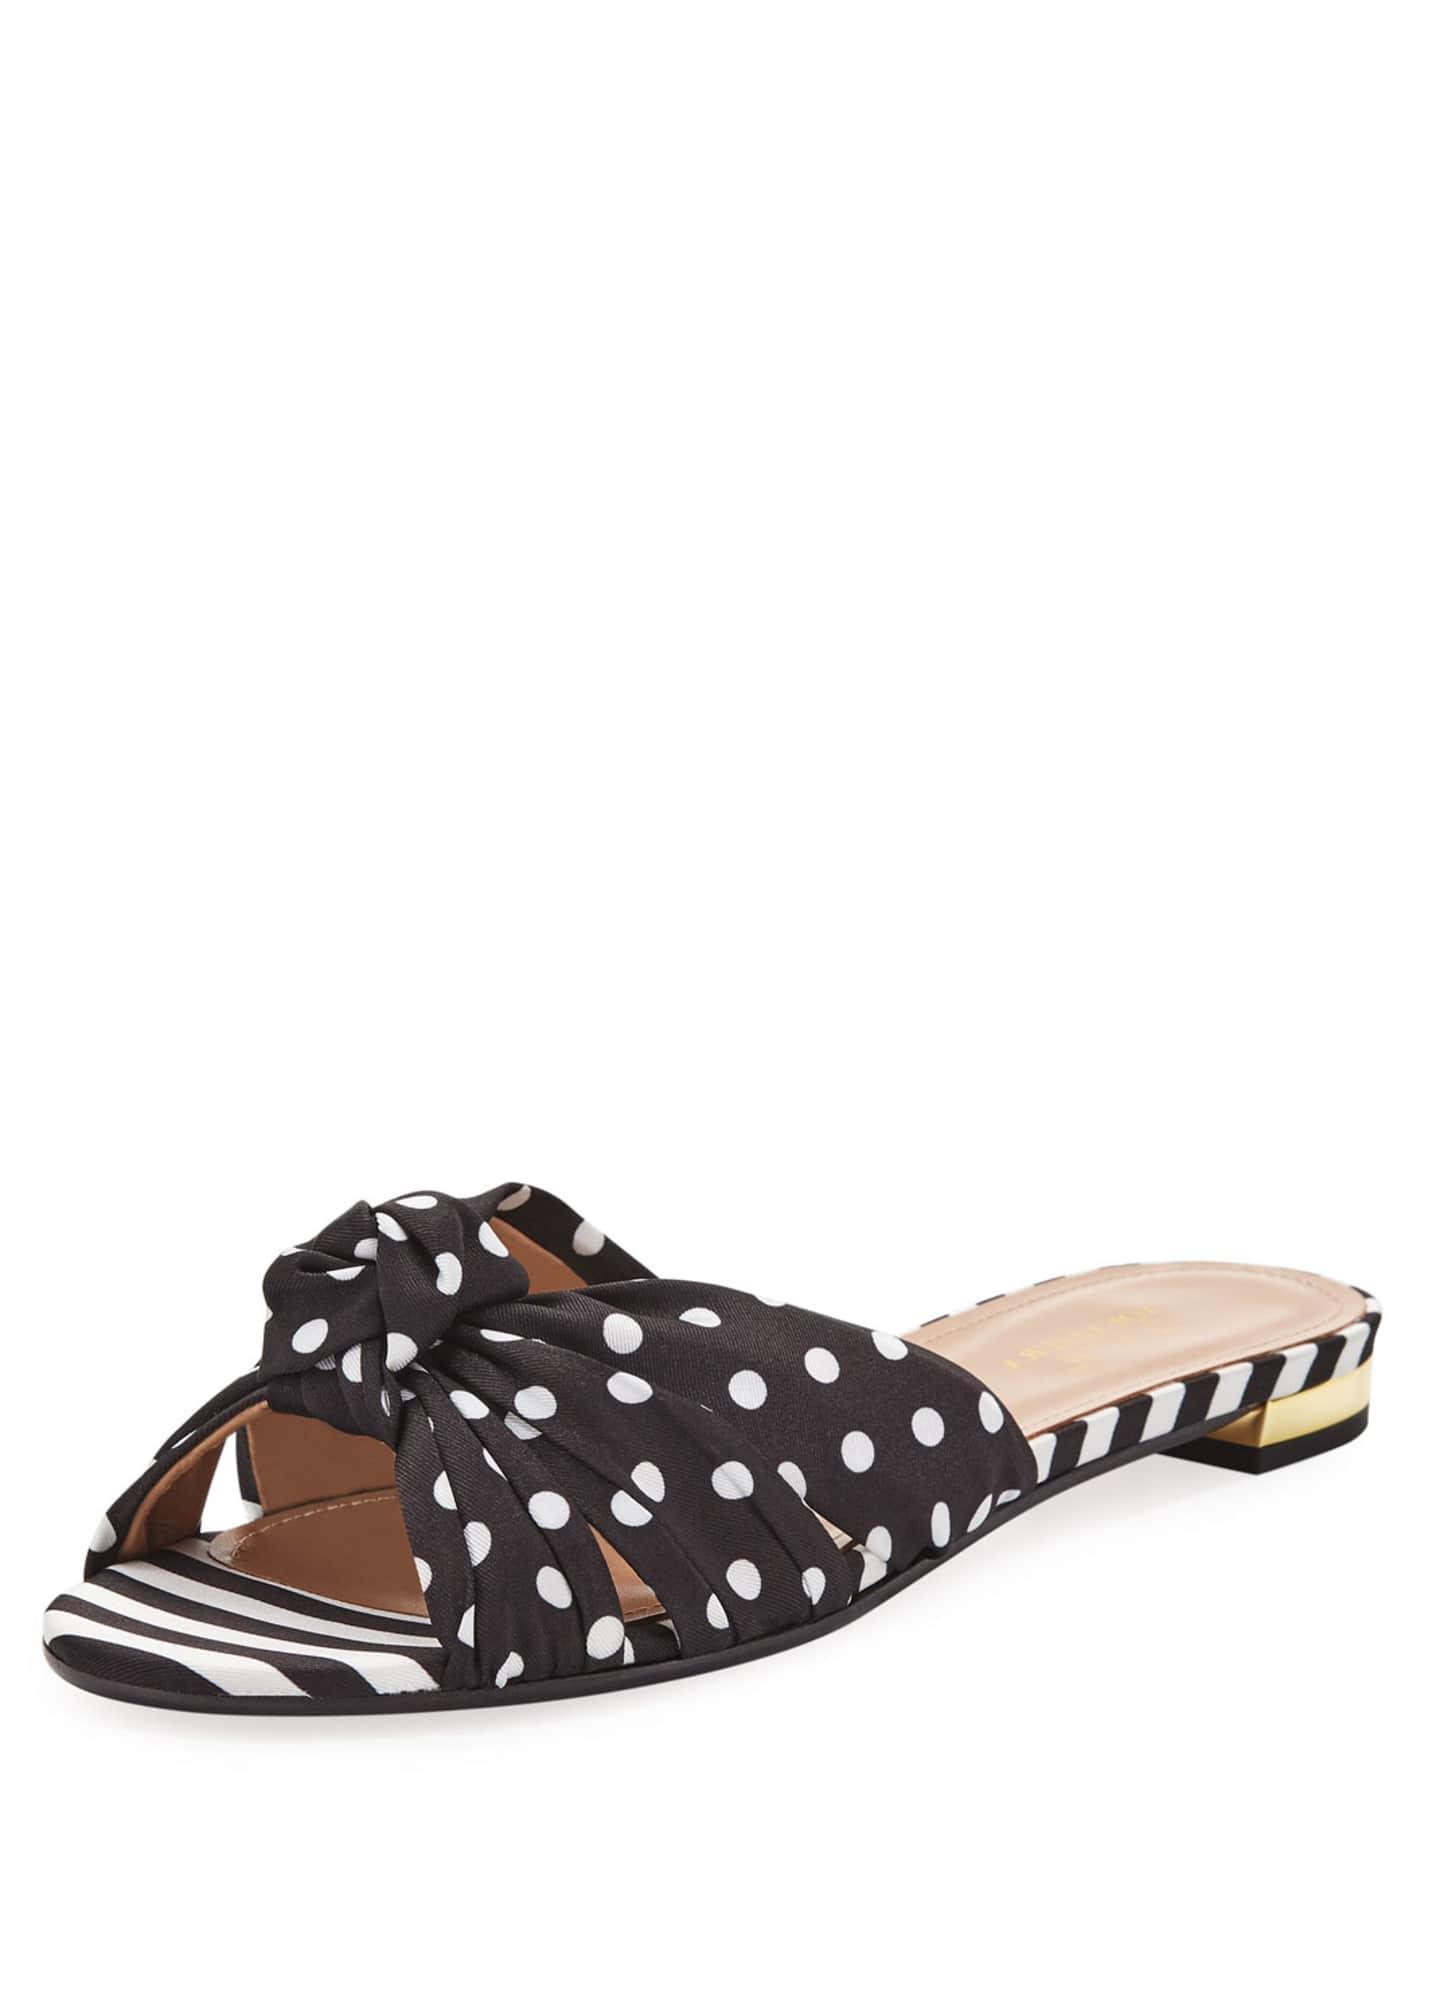 Aquazzura x Racil Menorca Mixed-Print Flat Slide Sandals